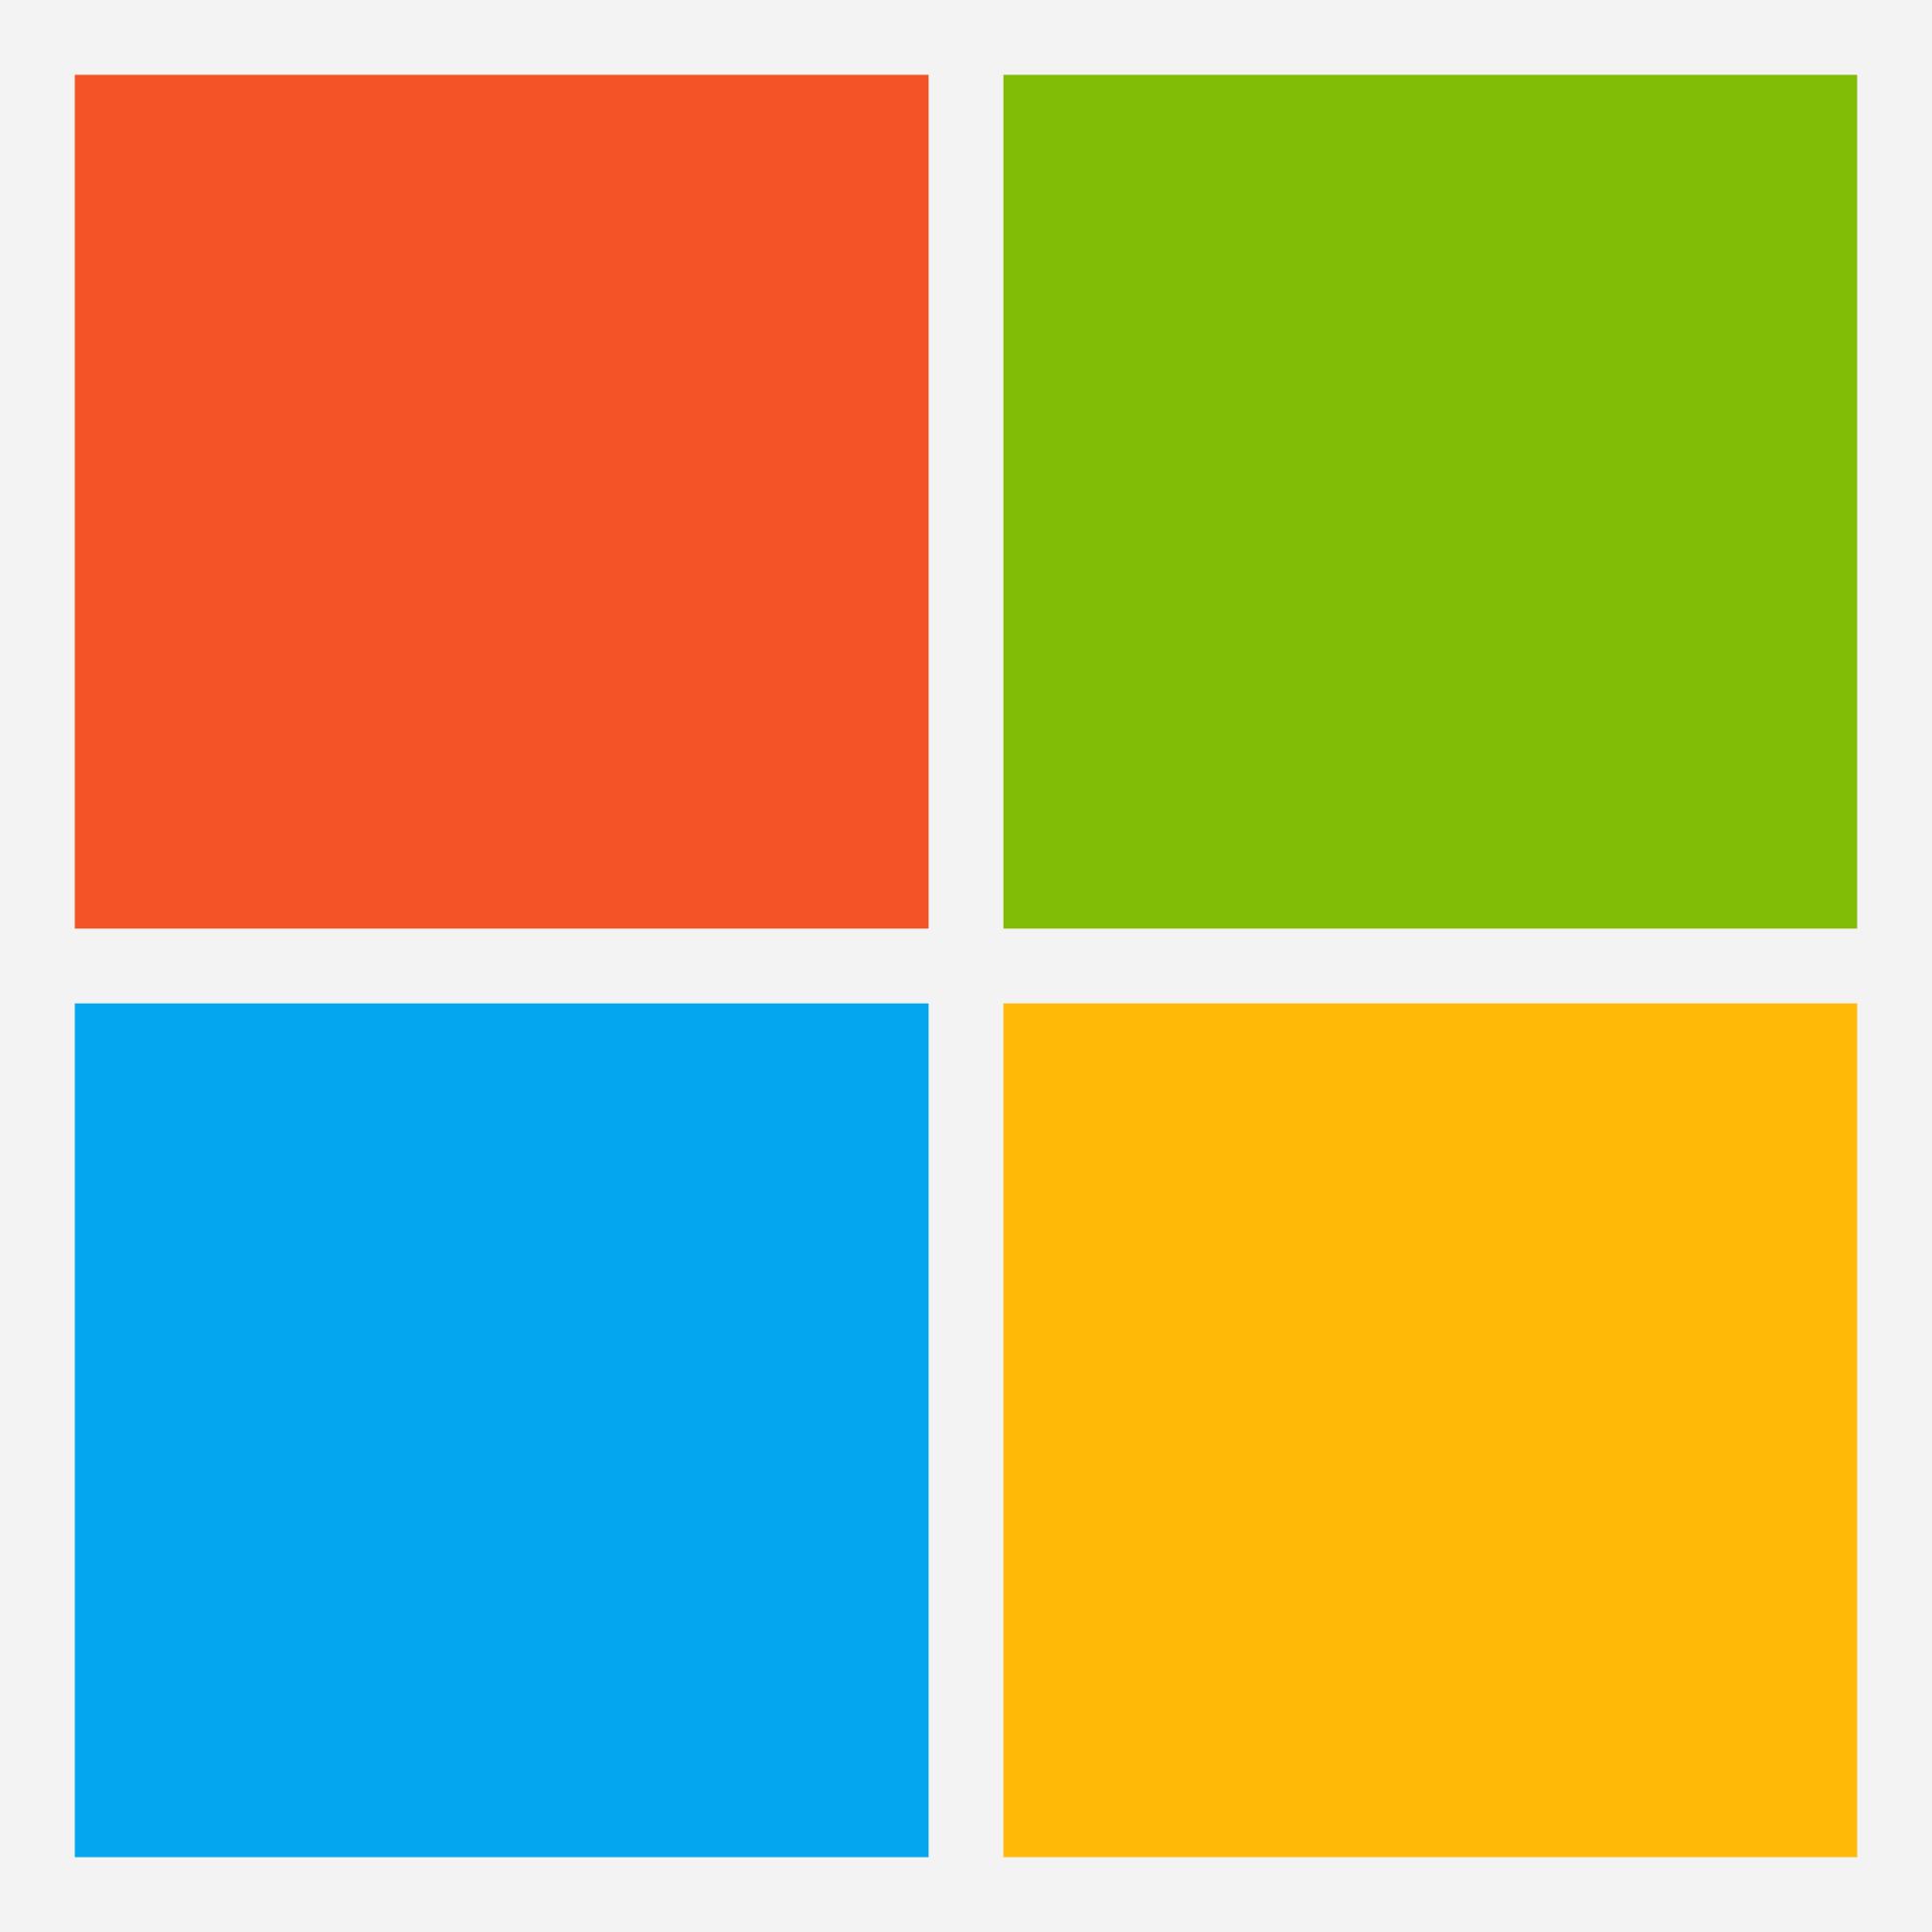 En este momento estás viendo Microsoft presenta una solicitud de patente para un sistema de cripto minería impulsado por la actividad humana